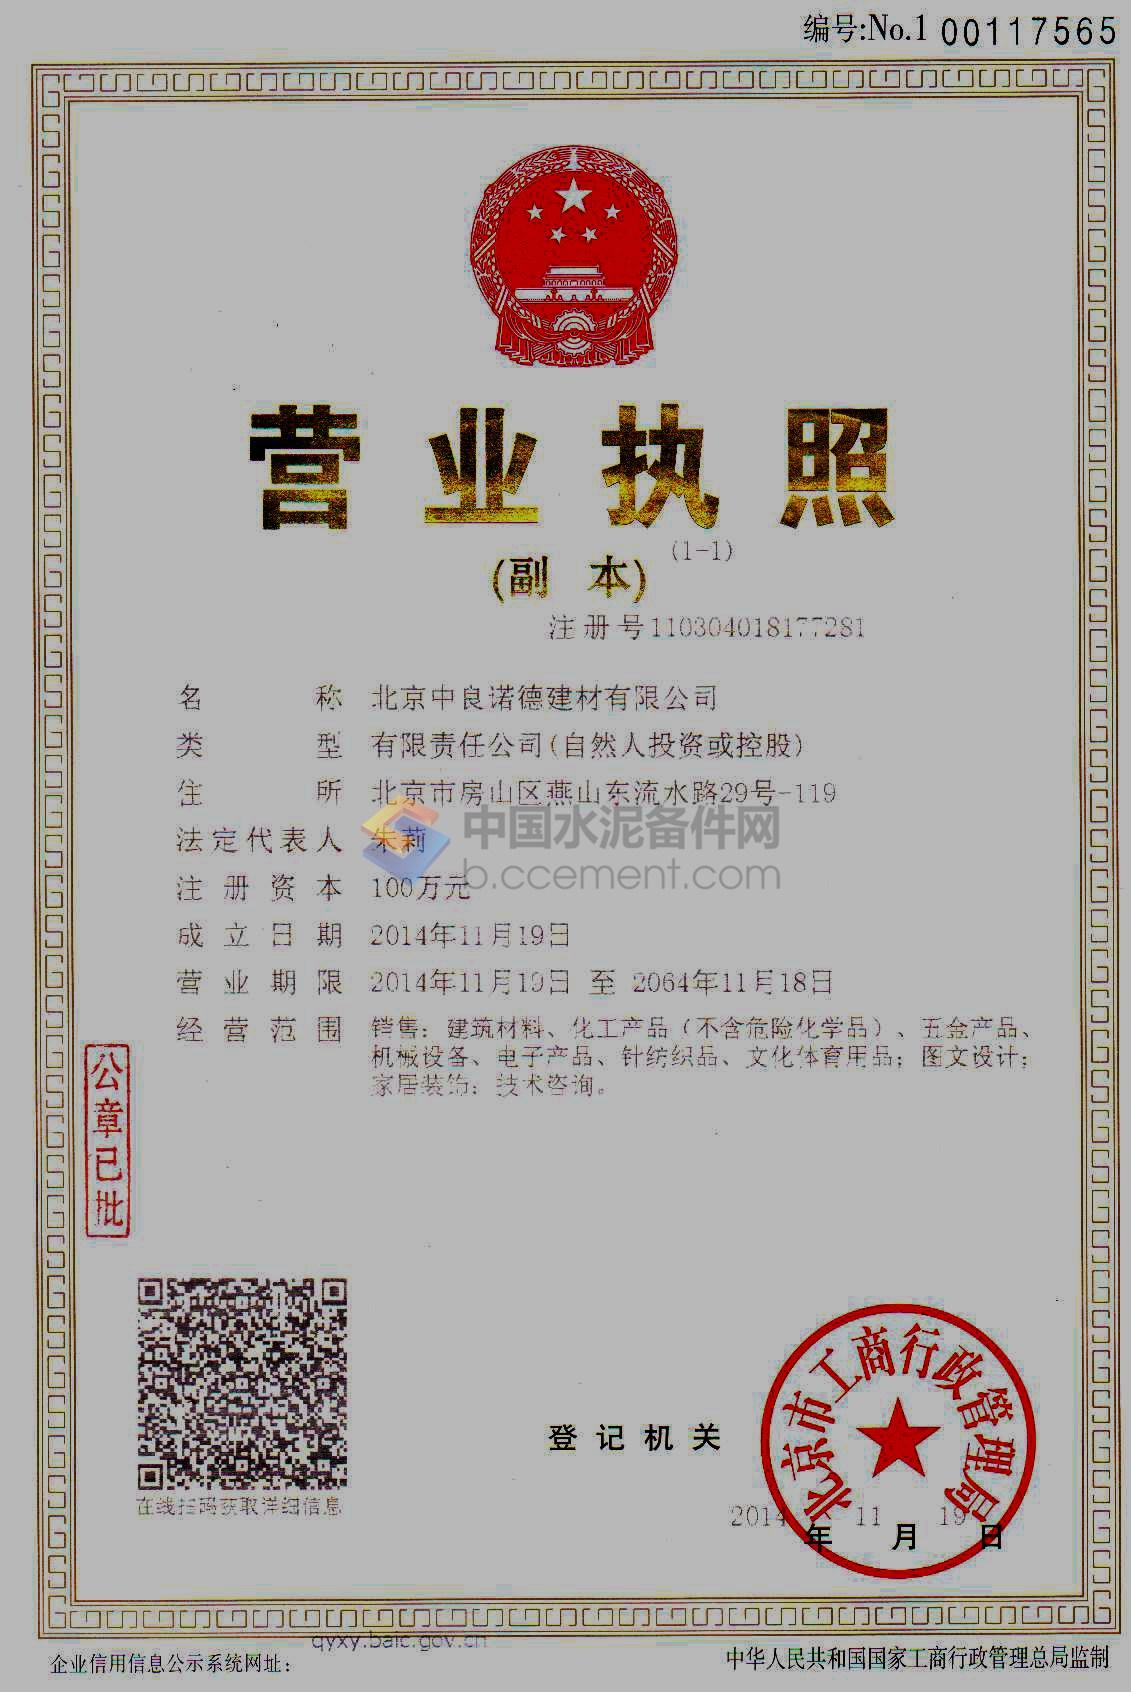 营业执照    查看大图 发证机构:北京工商行政管理局 生效日期:2014